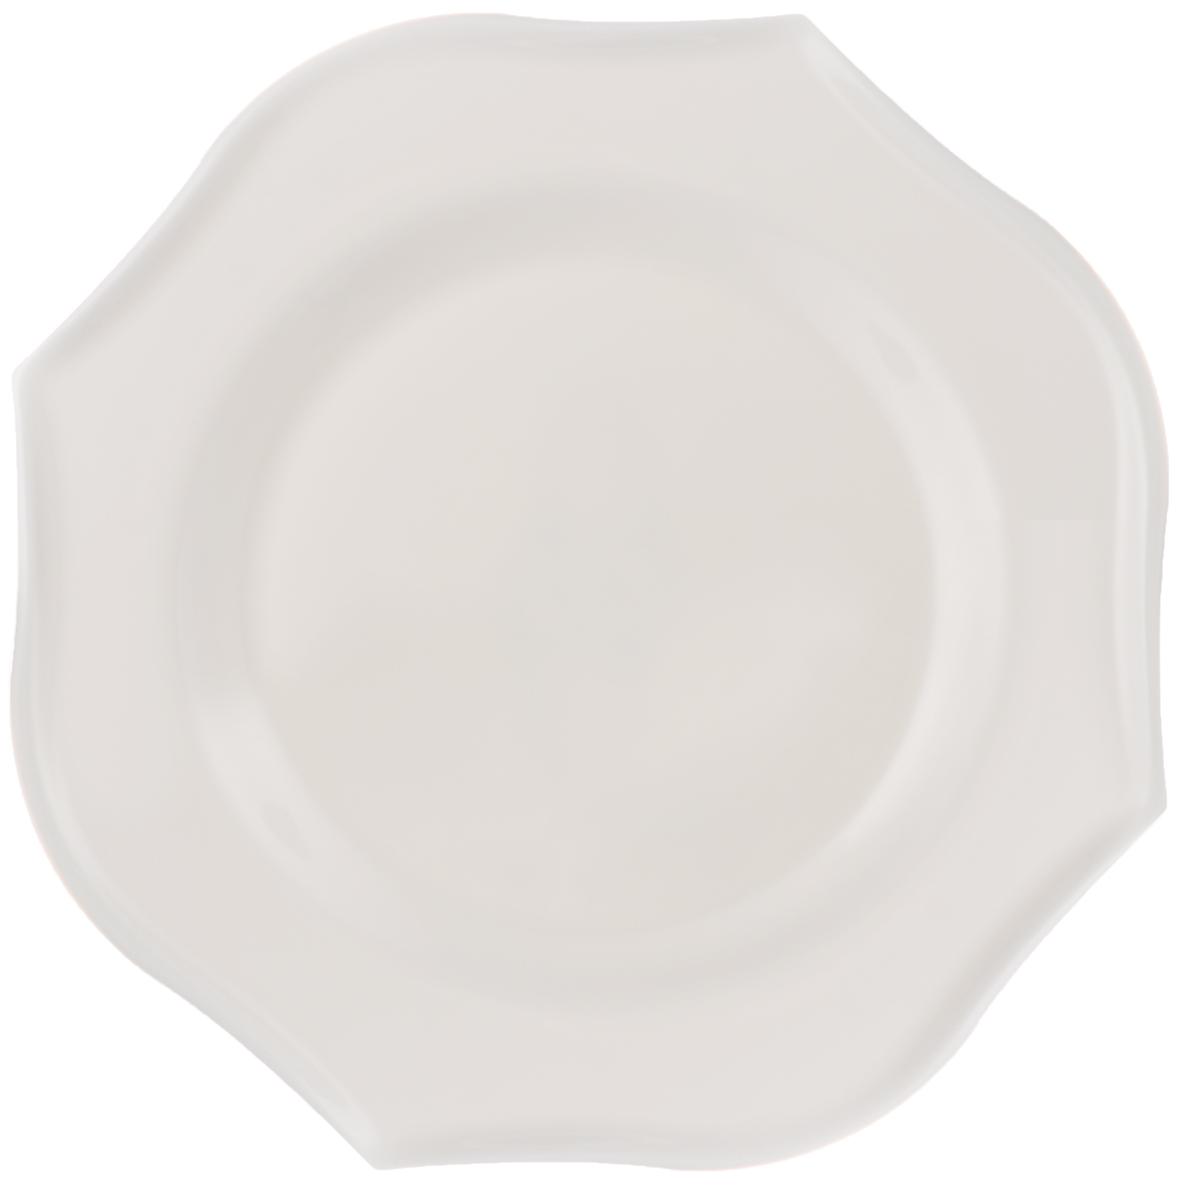 Тарелка десертная Luminarc Louisa, 21 х 21 смJ1745Десертная тарелка Luminarc Louisa, изготовленная из ударопрочного стекла, имеет изысканный внешний вид. Такая тарелка прекрасно подходит как для торжественных случаев, так и для повседневного использования. Идеальна для подачи десертов, пирожных, тортов и многого другого. Она прекрасно оформит стол и станет отличным дополнением к вашей коллекции кухонной посуды. Размер тарелки (по верхнему краю): 21 х 21 см.